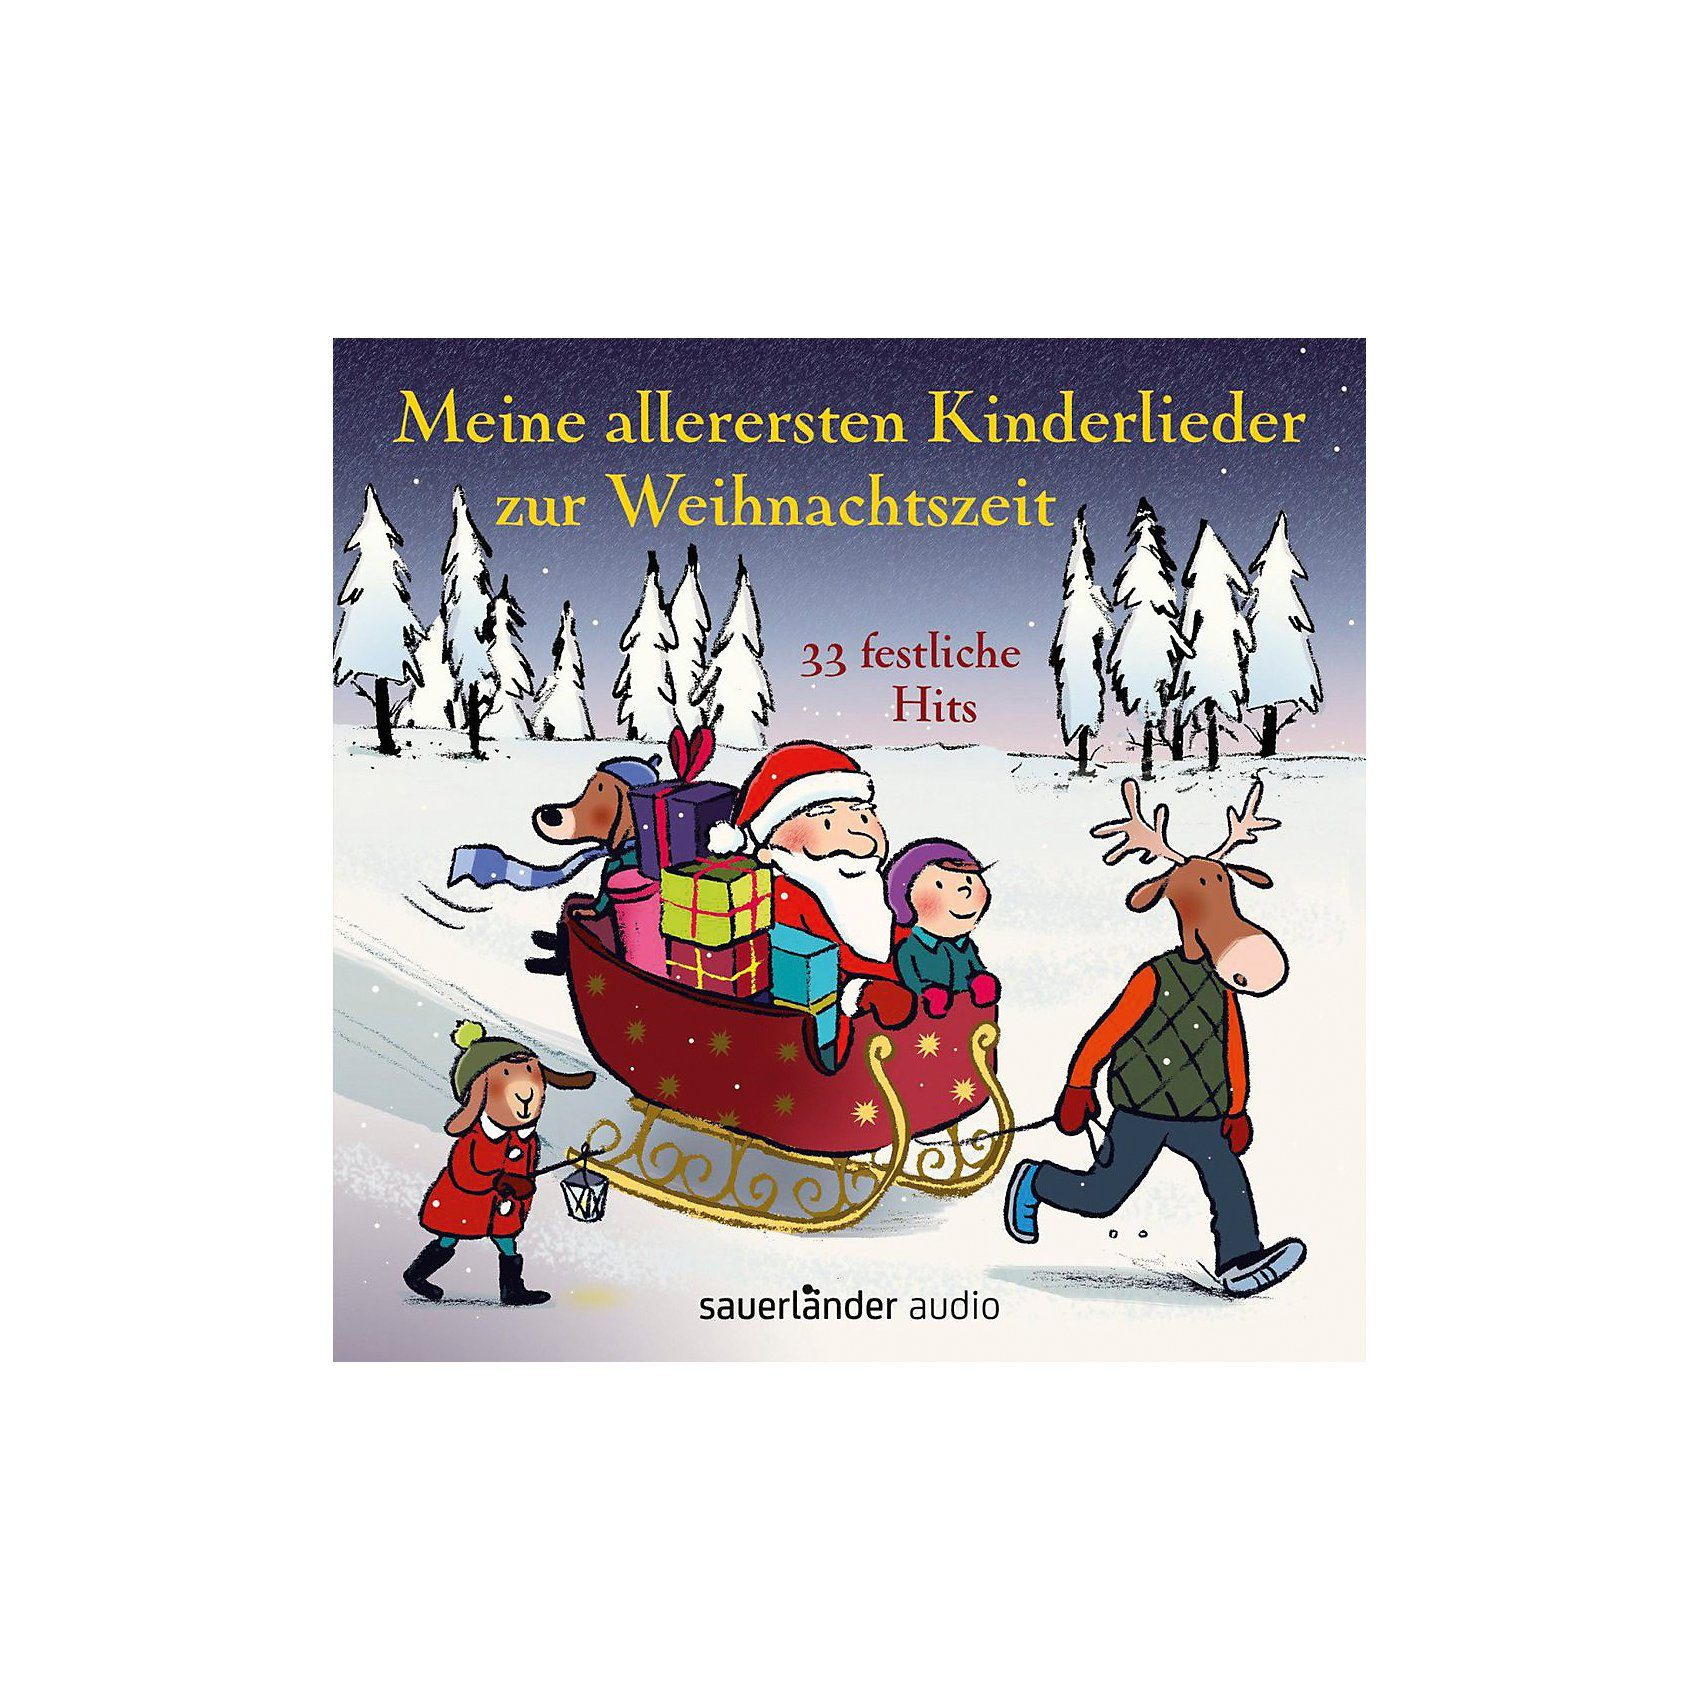 Edel CD Meine allerersten Kinderlieder zu Weihnachten